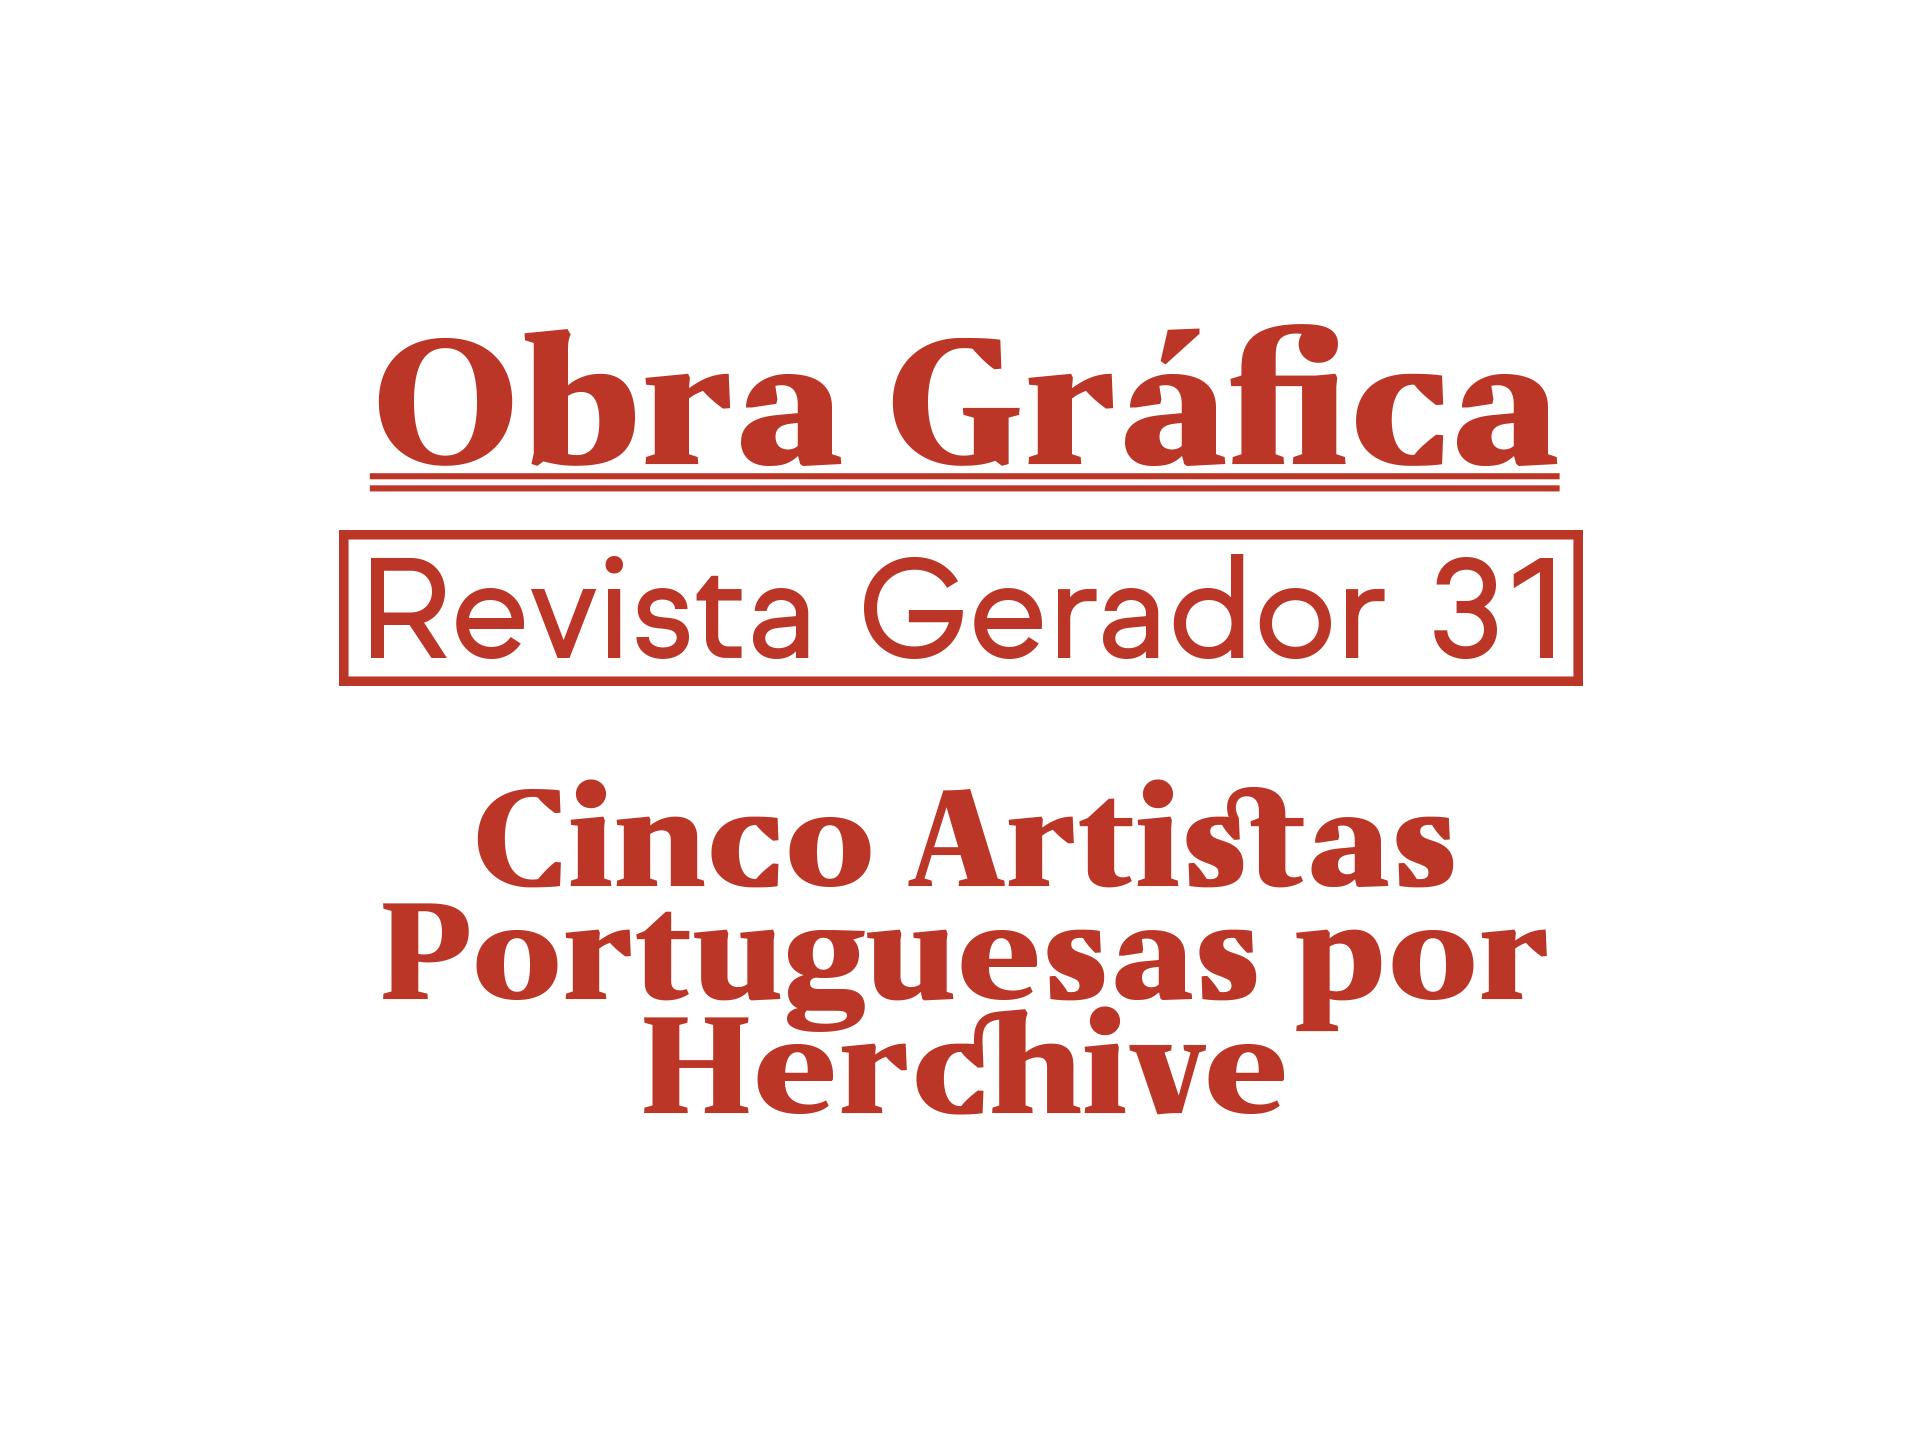 revista-gerador-obra-gráfica-revista-31